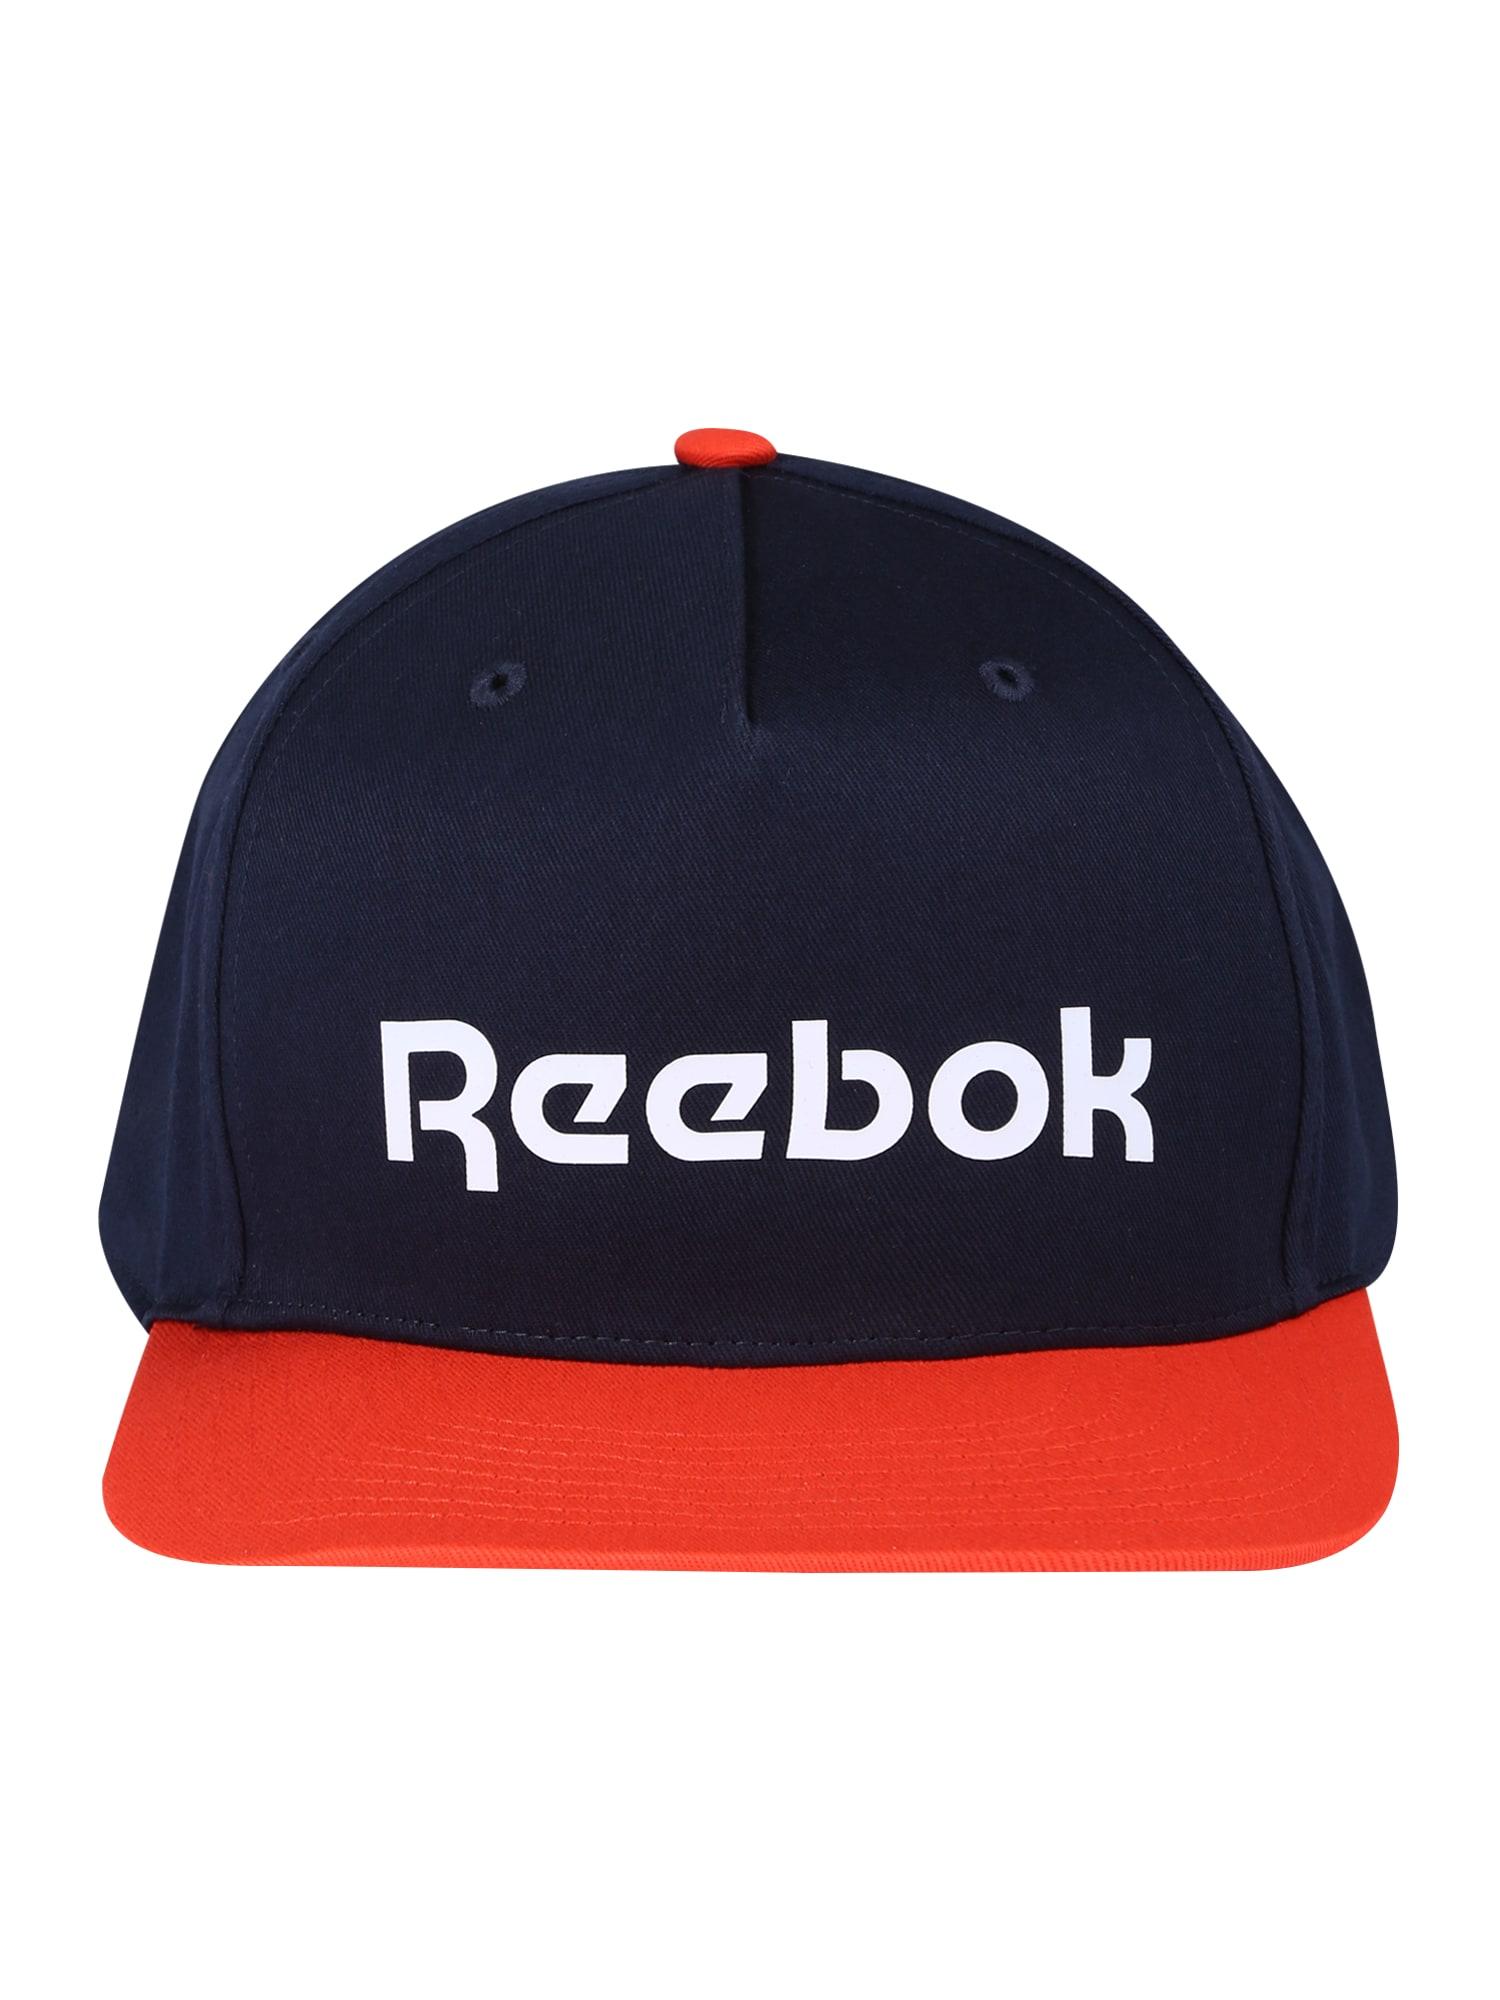 REEBOK Sportinė kepurė tamsiai mėlyna / raudona / balta